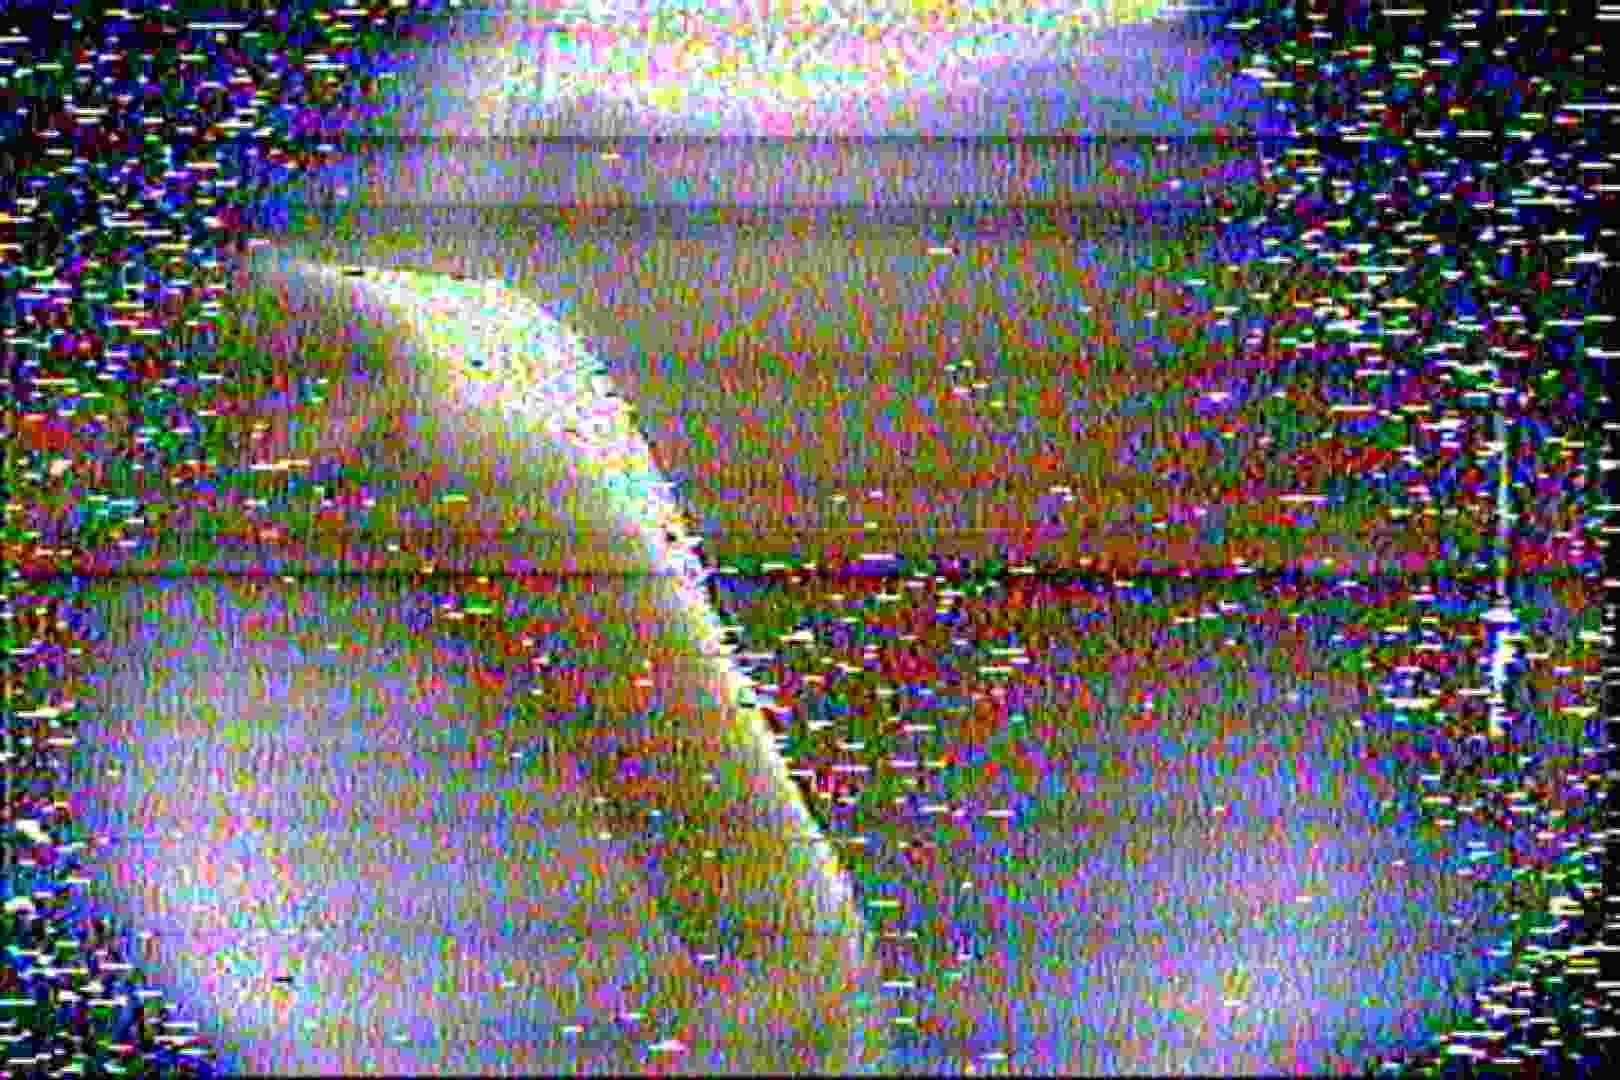 海の家の更衣室 Vol.32 日焼けした女たち オメコ無修正動画無料 77画像 5